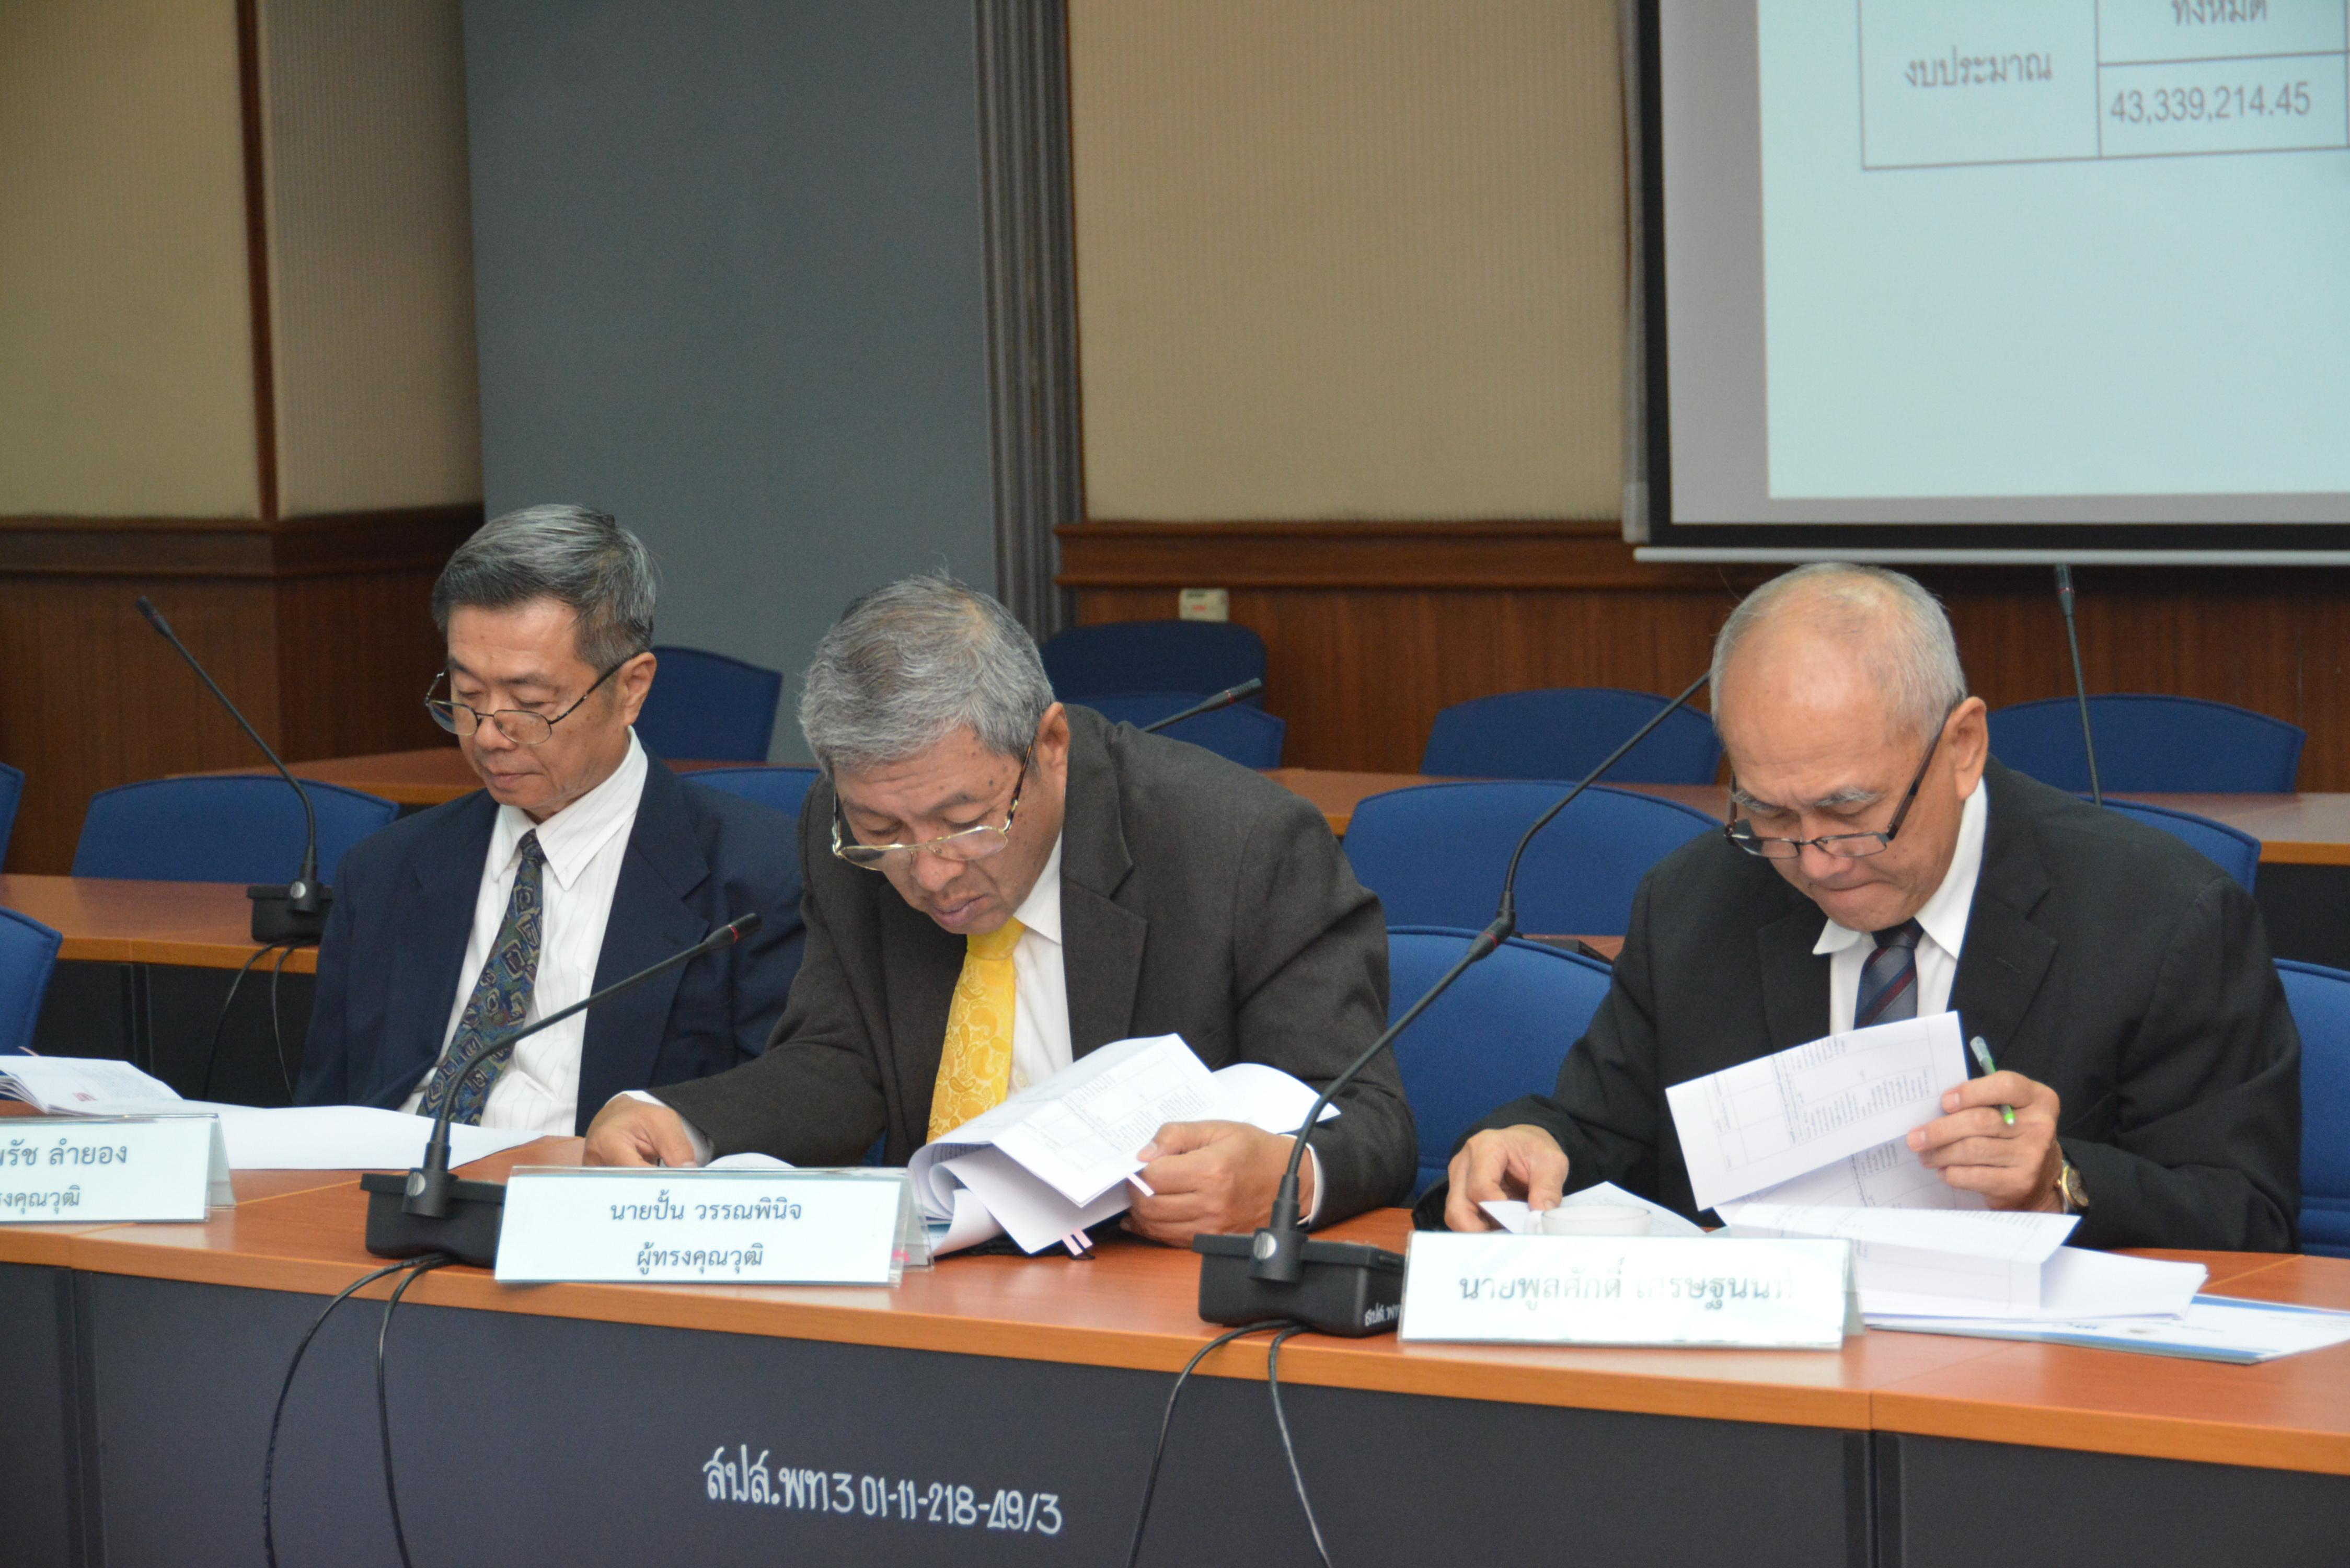 การประชุม คณะอนุกรรมการส่งเสริมคุณธรรมกระทรวงแรงงาน ครั้งที่ 1/2562